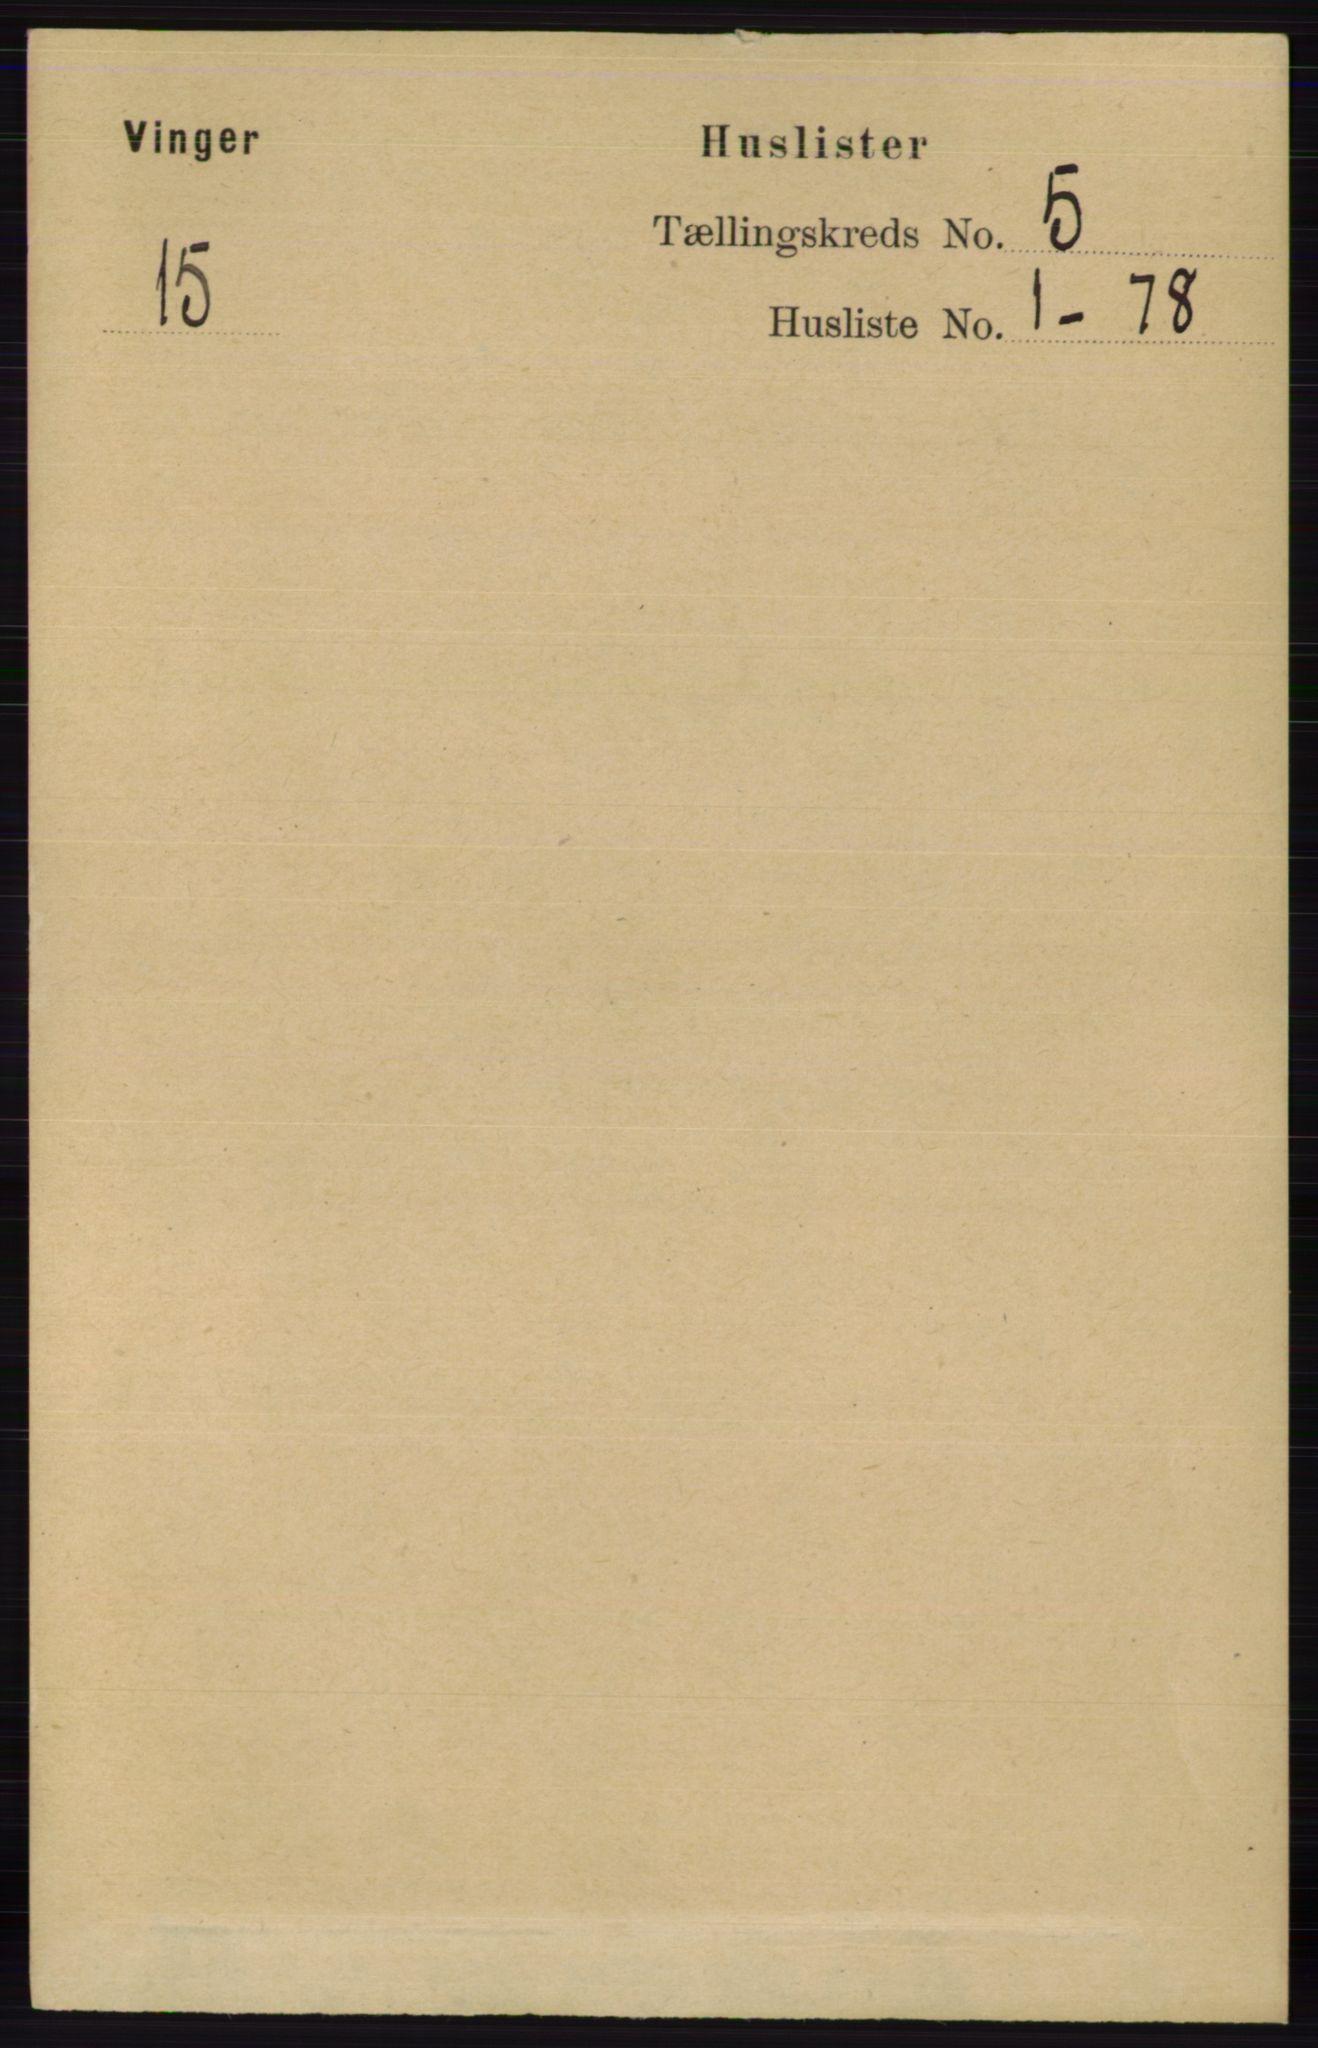 RA, Folketelling 1891 for 0421 Vinger herred, 1891, s. 1964